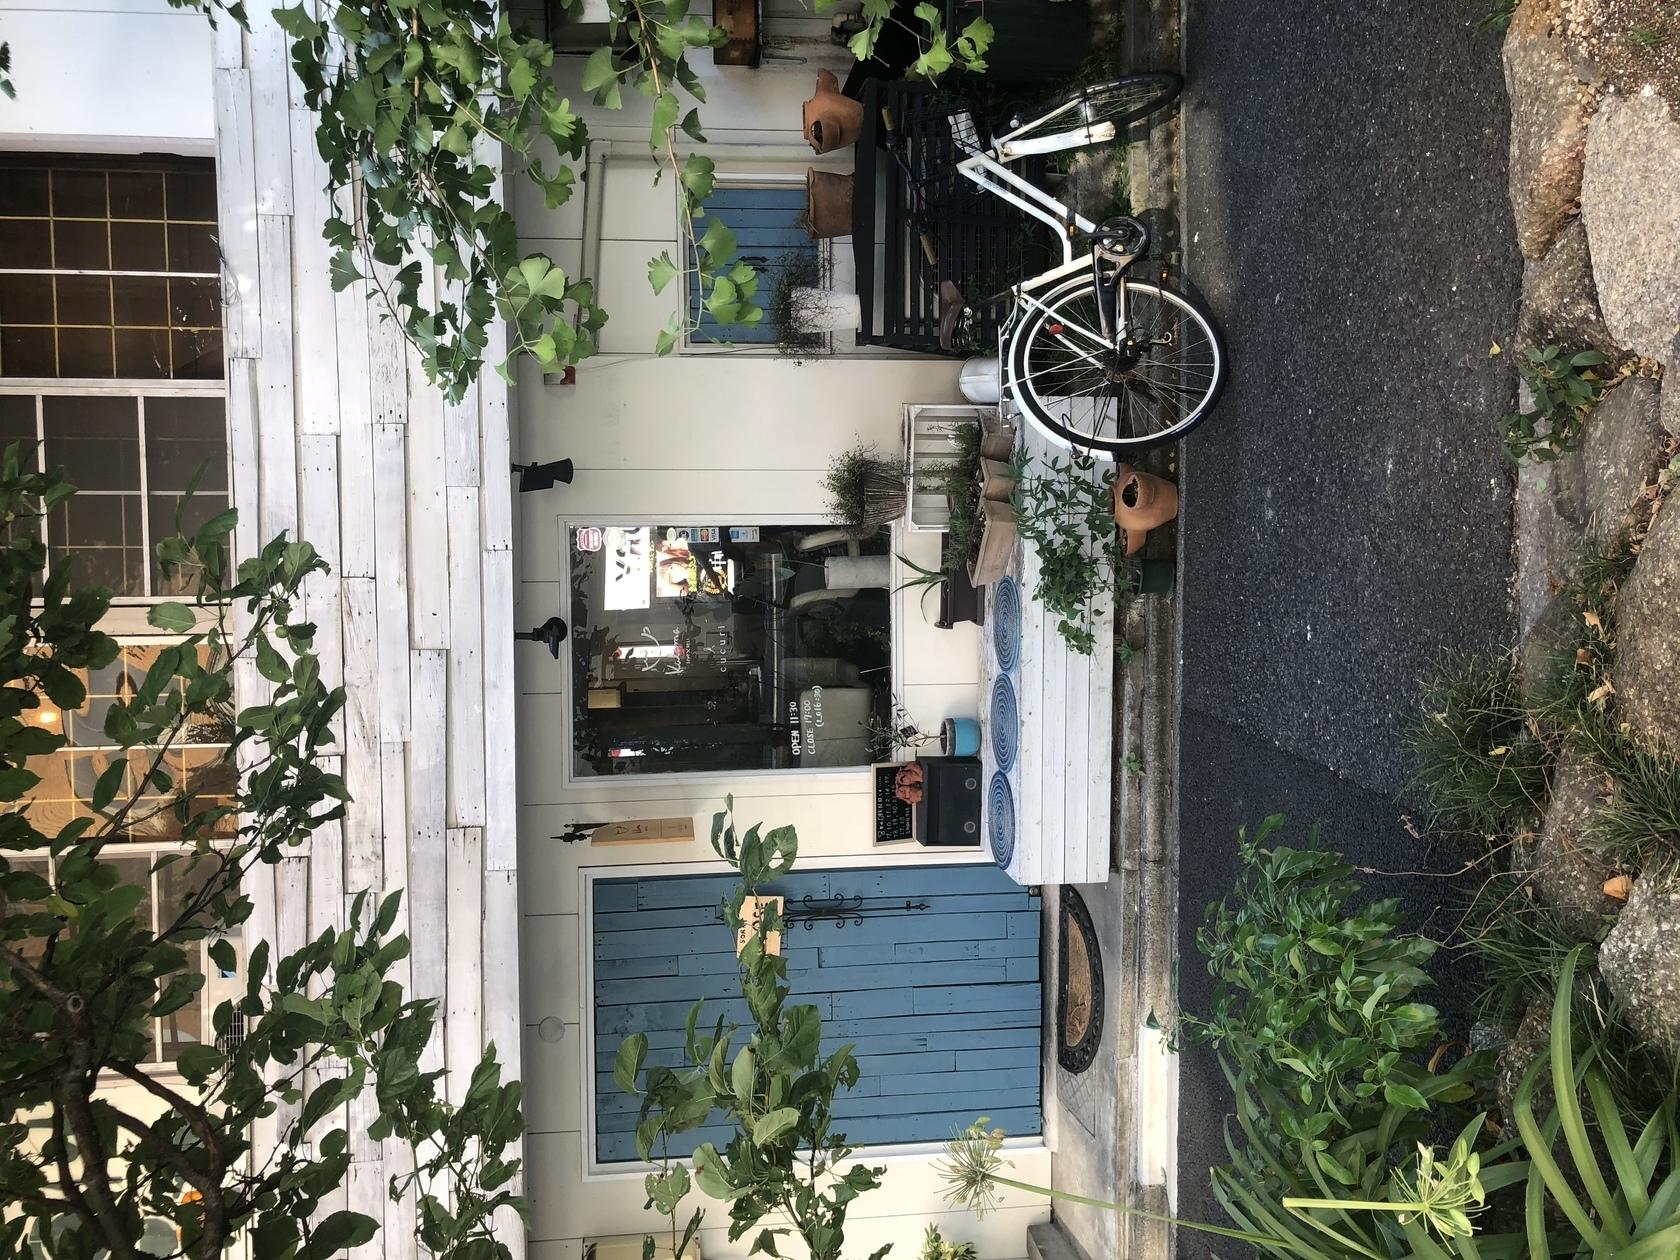 キッチン付きカフェスペース!女子会、子連れママ会、会議、レッスン、1dayカフェ営業、撮影などなど!(BBBISレンタルカフェスペース) の写真0